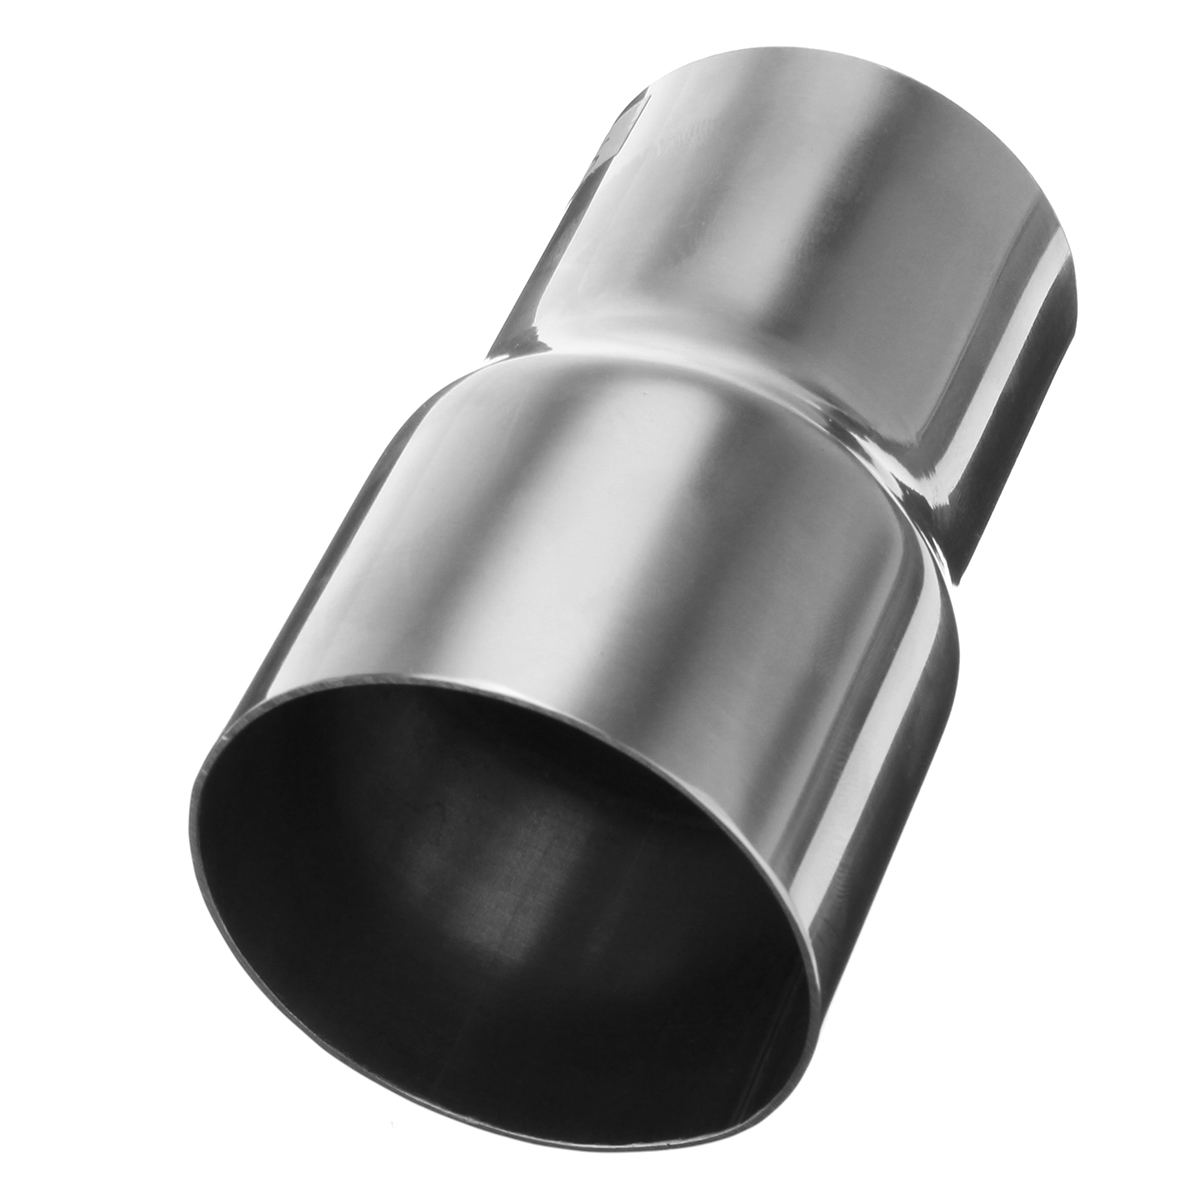 6 größe Universal Auto Edelstahl Standard Auspuff Minderer Stecker Rohr Rohr 76mm 63mm 60mm bis 63mm 57mm 52mm 50mm